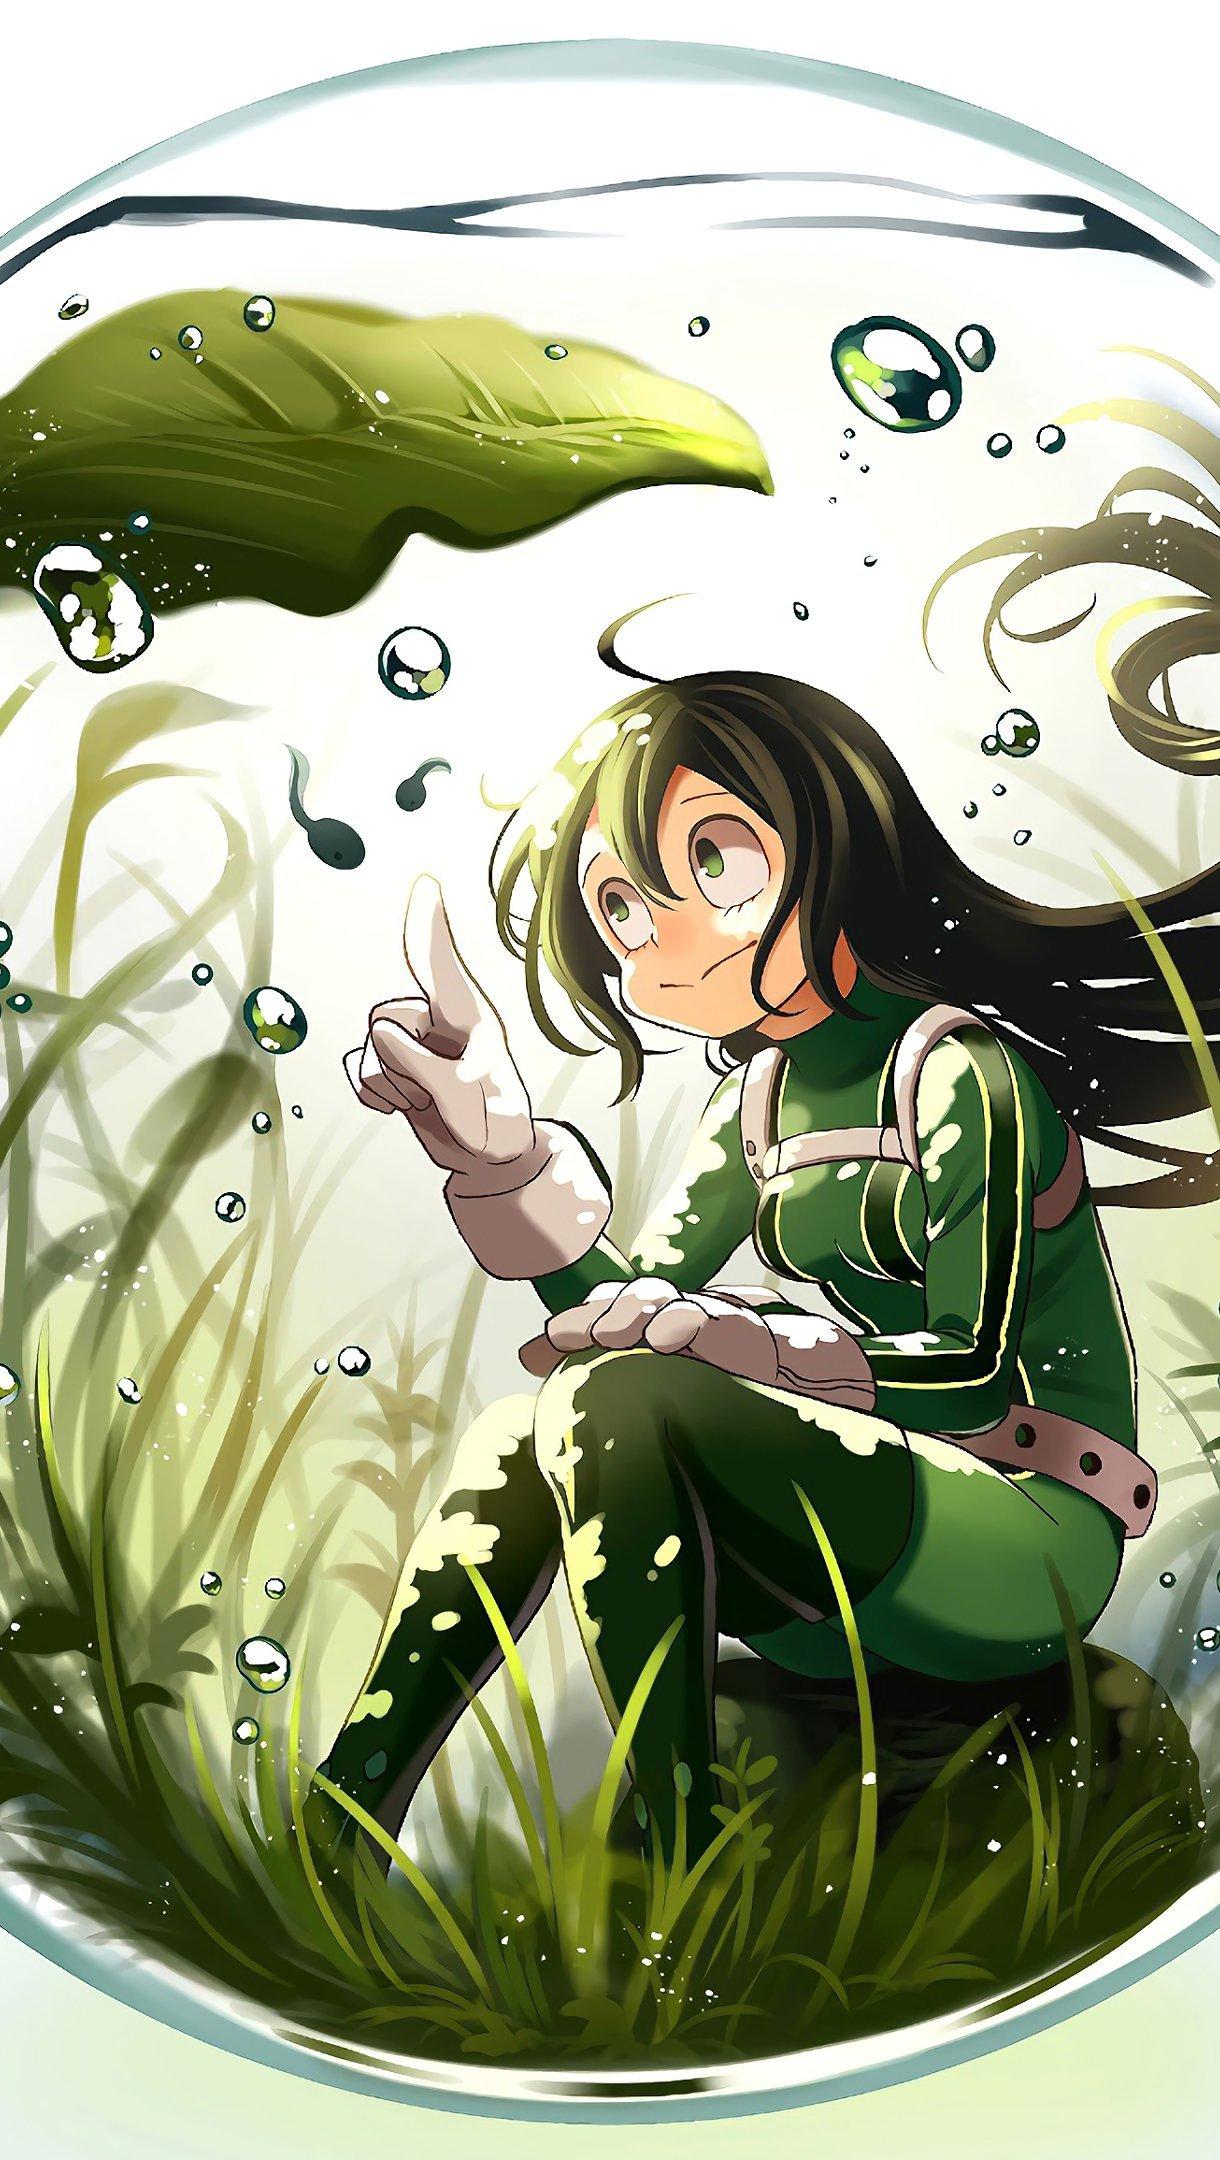 Fondos de pantalla Anime Tsuyu Asui My Hero Academia Vertical